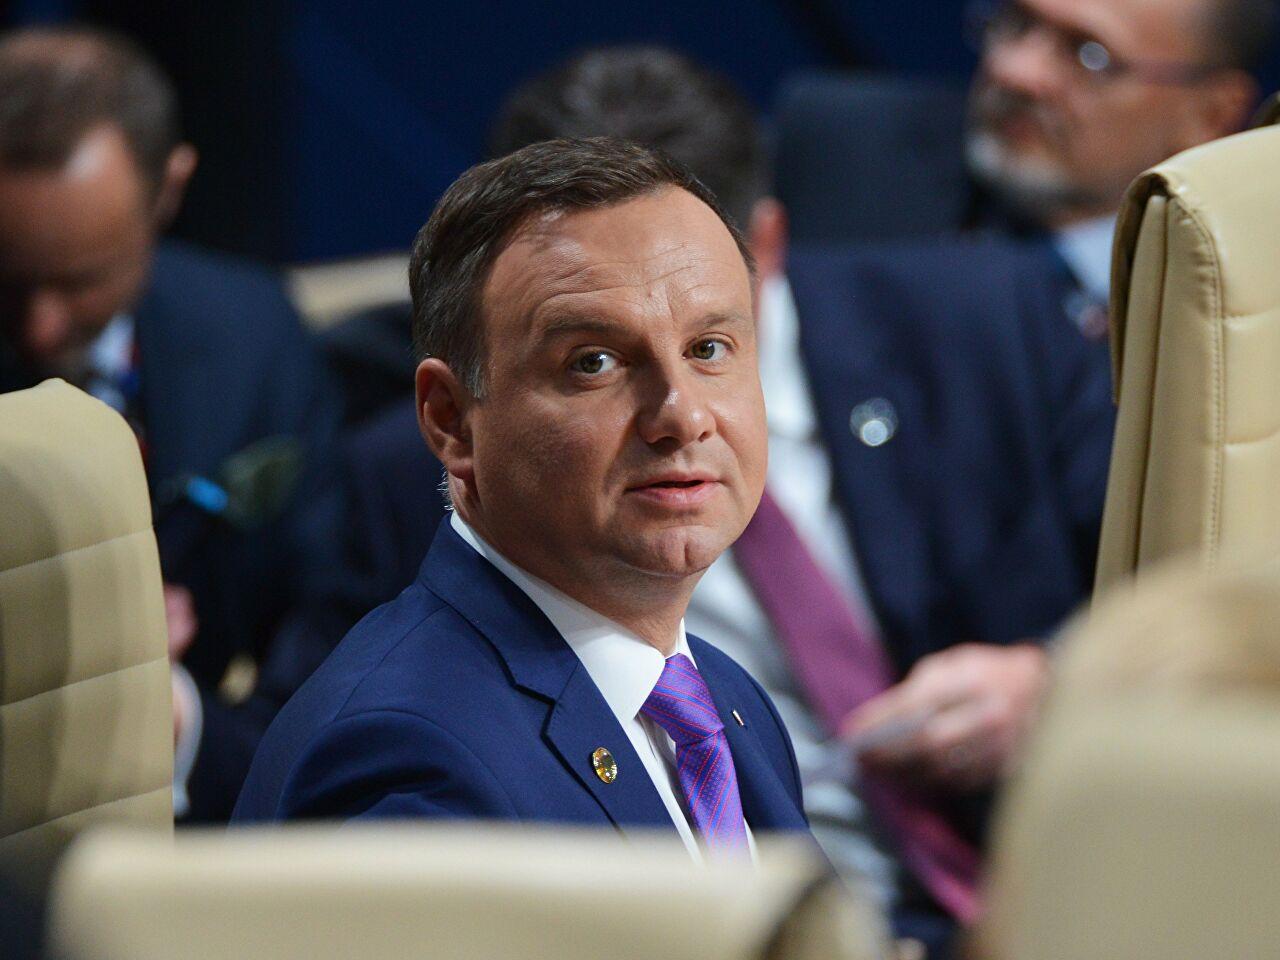 Poljska: Pooštravanje sankcija Rusiji apsolutno opravdano